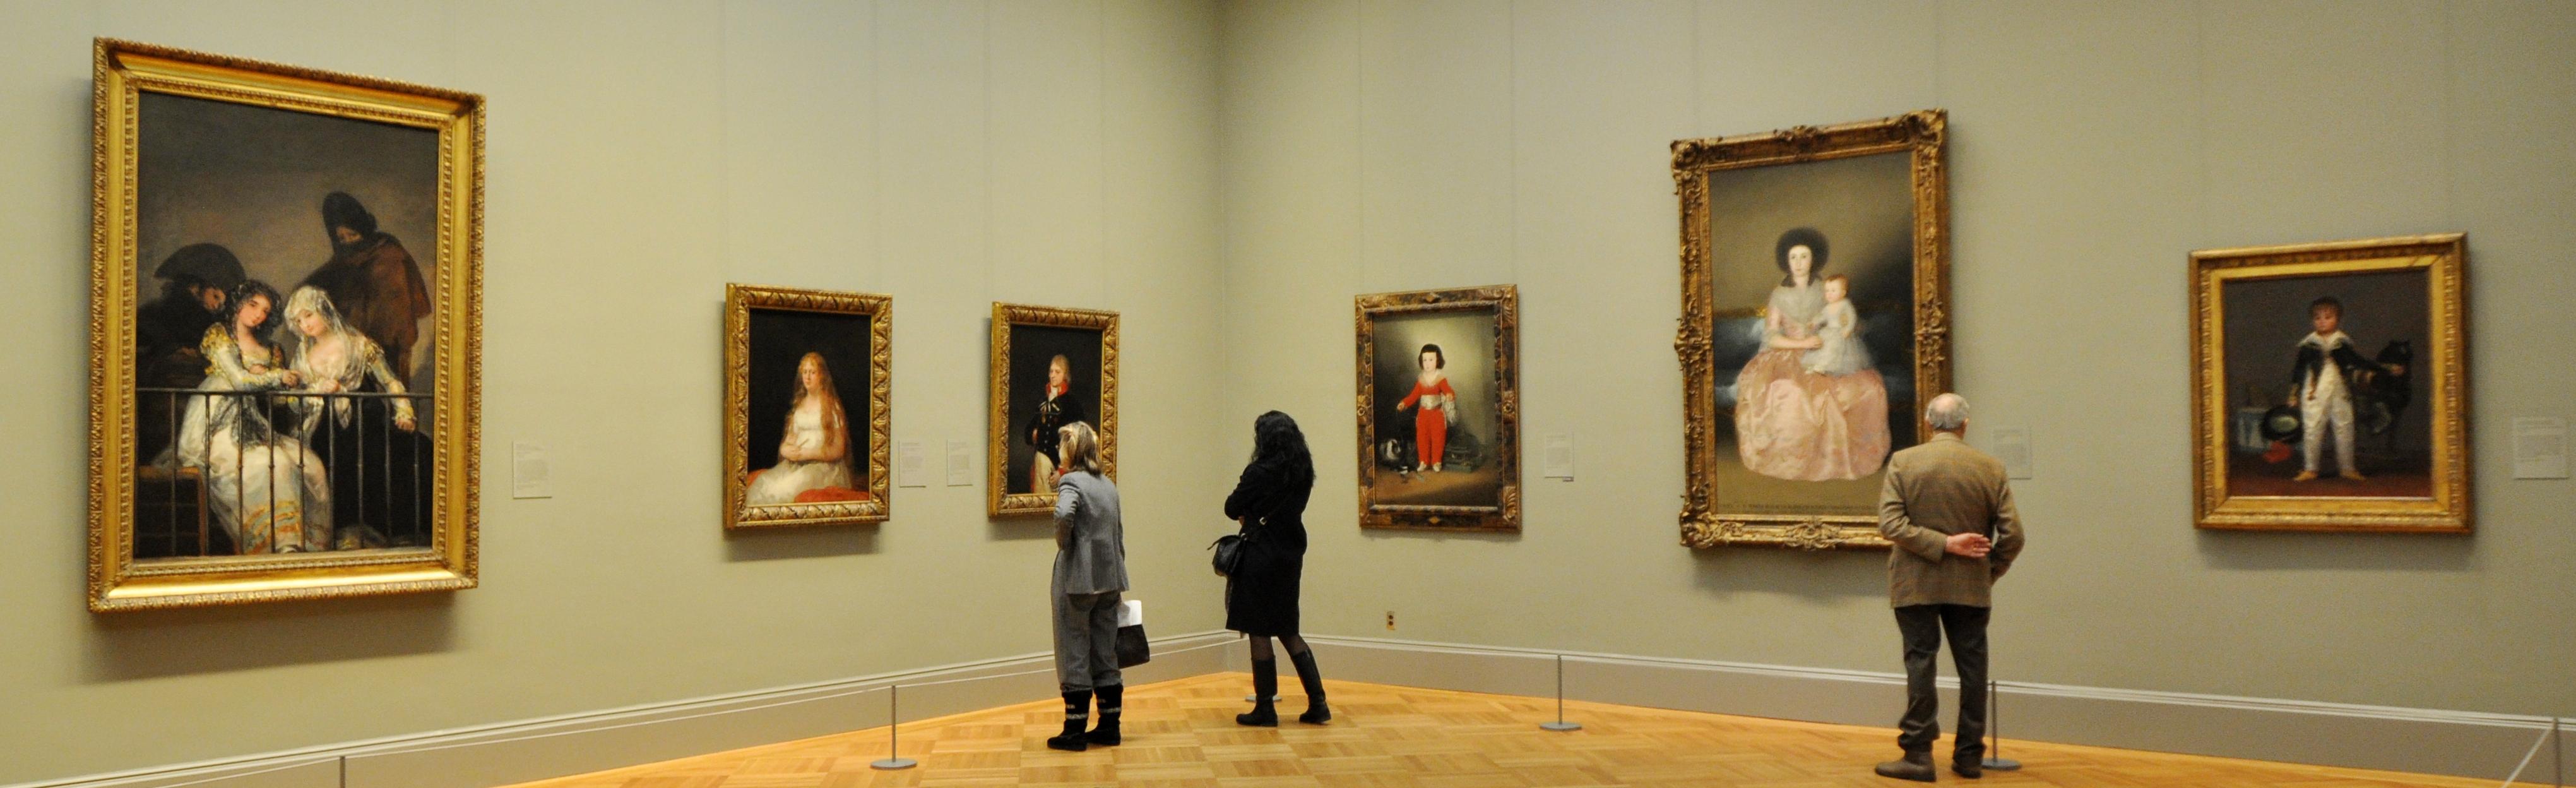 Metropolitan Museum Of Art Members Dining Room